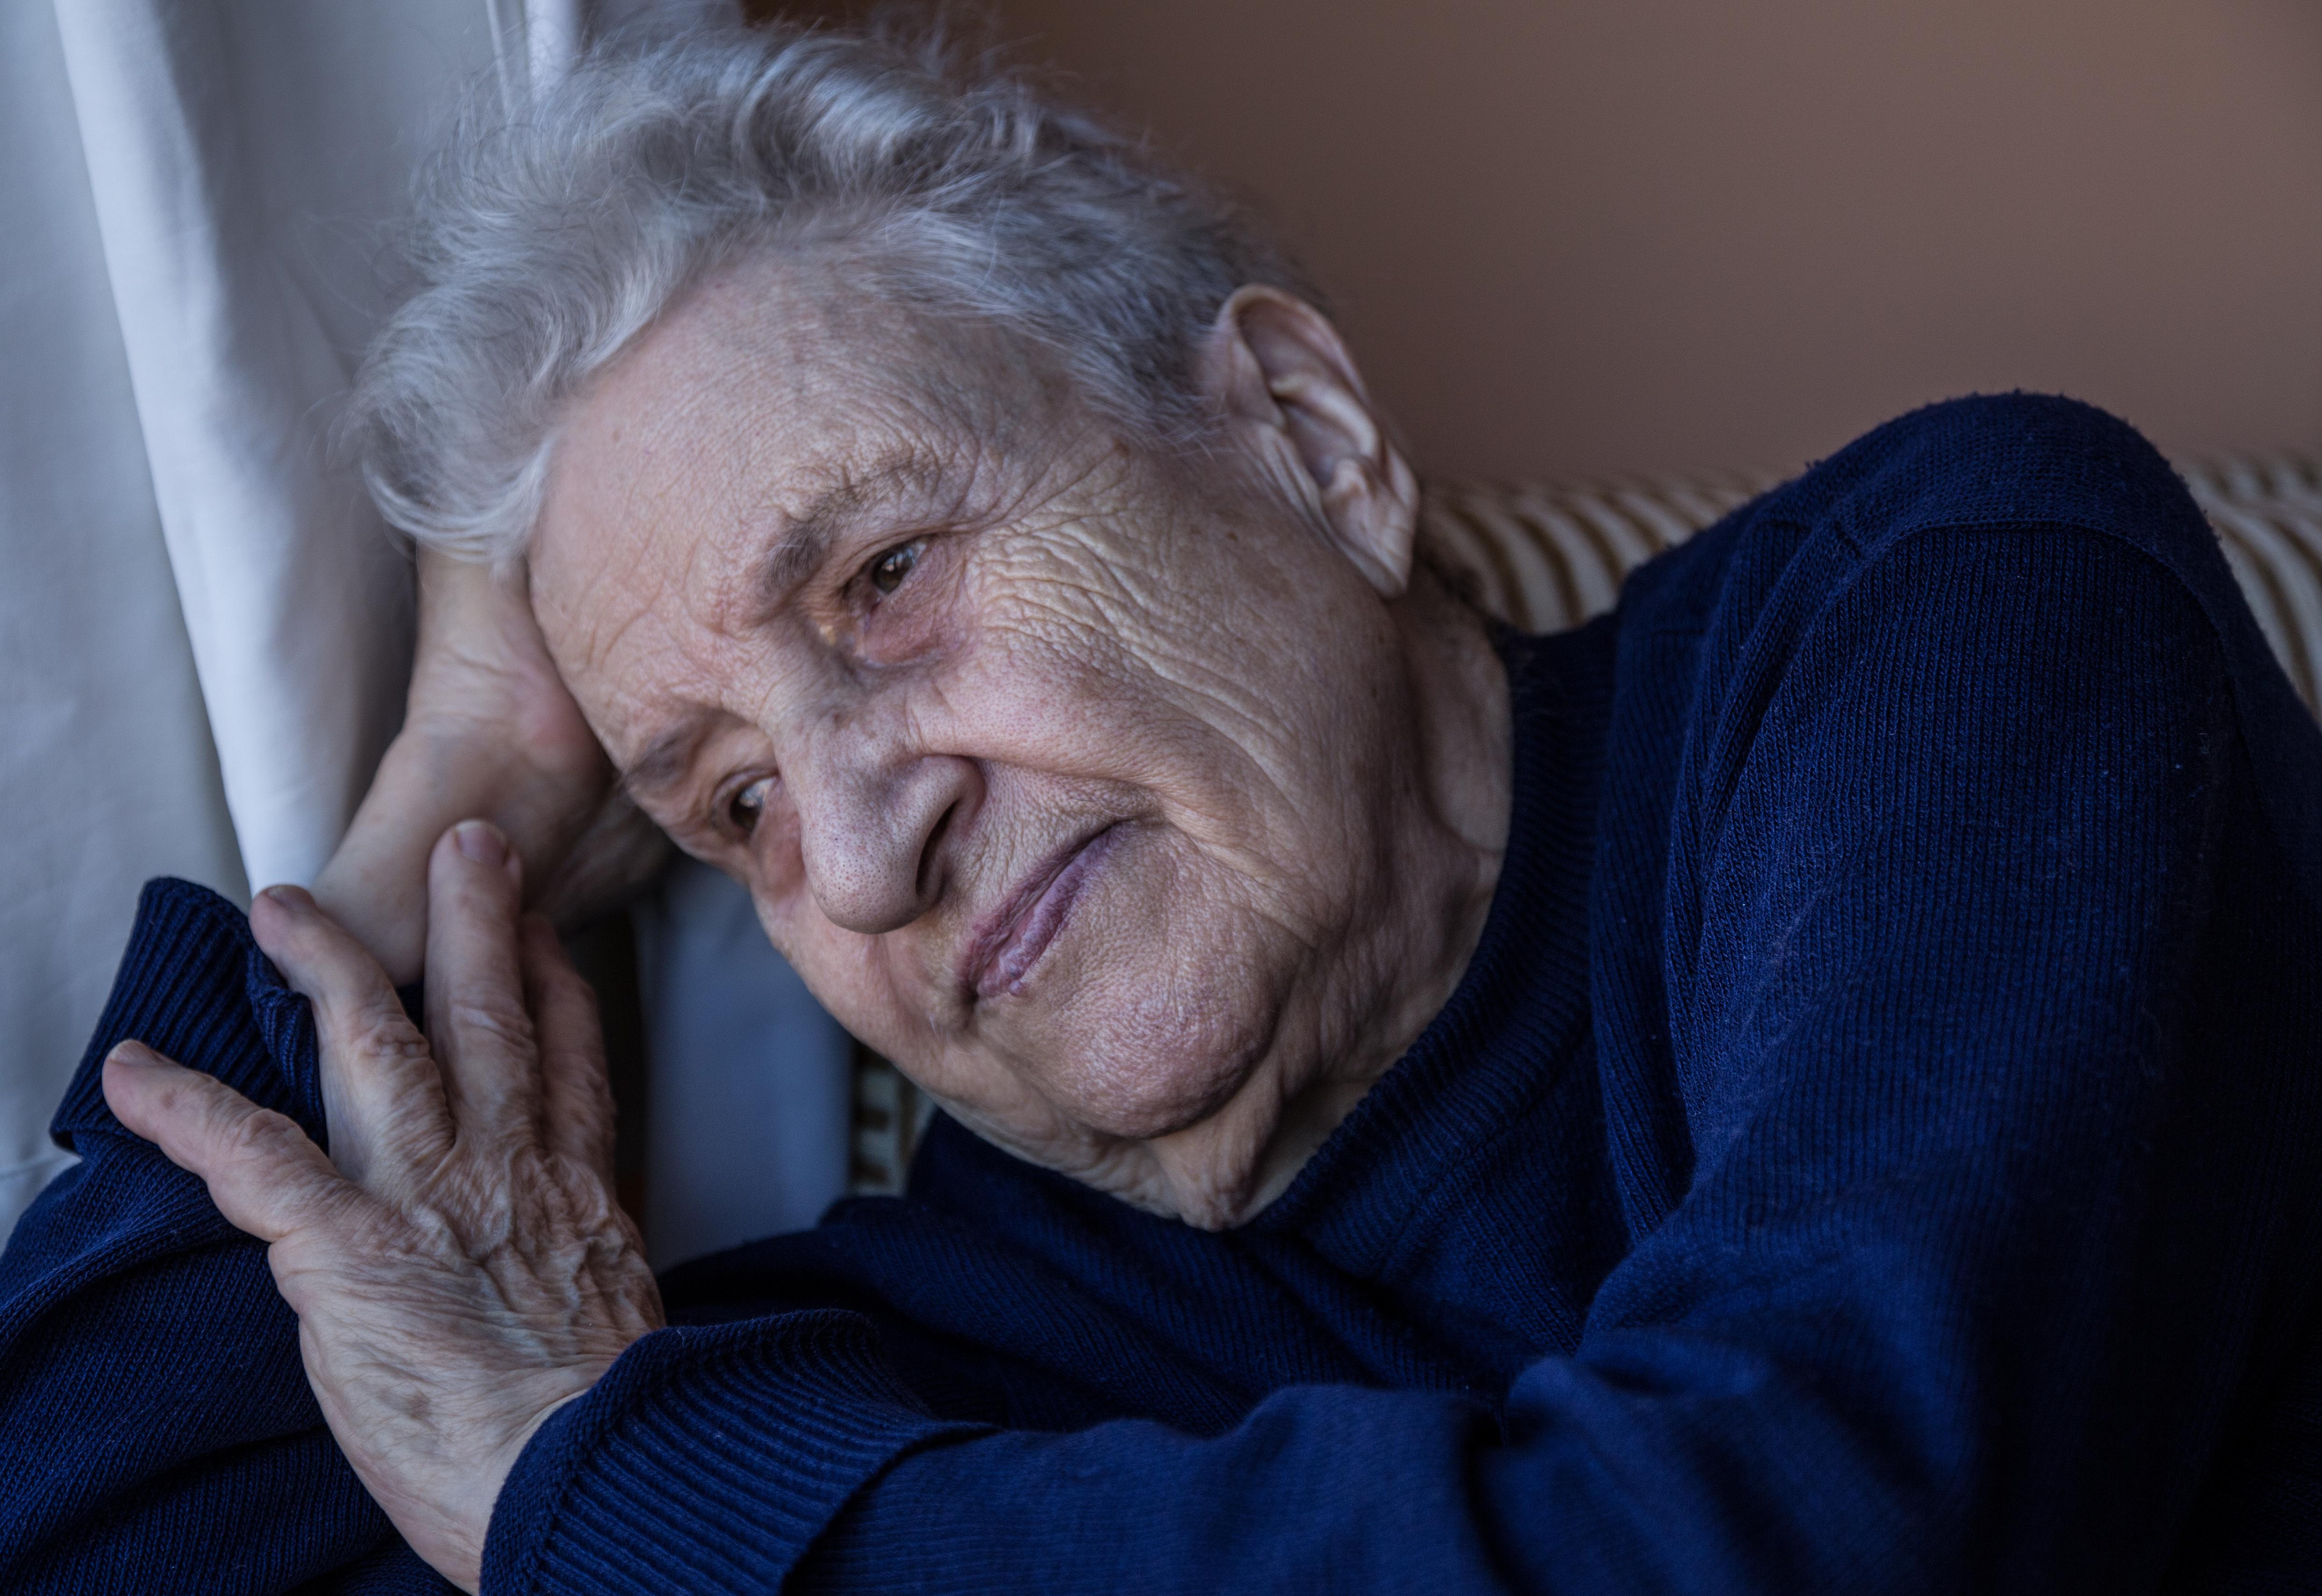 När vården utreder kronisk hjärtsvikt bör man utreda om det förekommer järnbrist (kontrollera ferretin och järnmättnad).